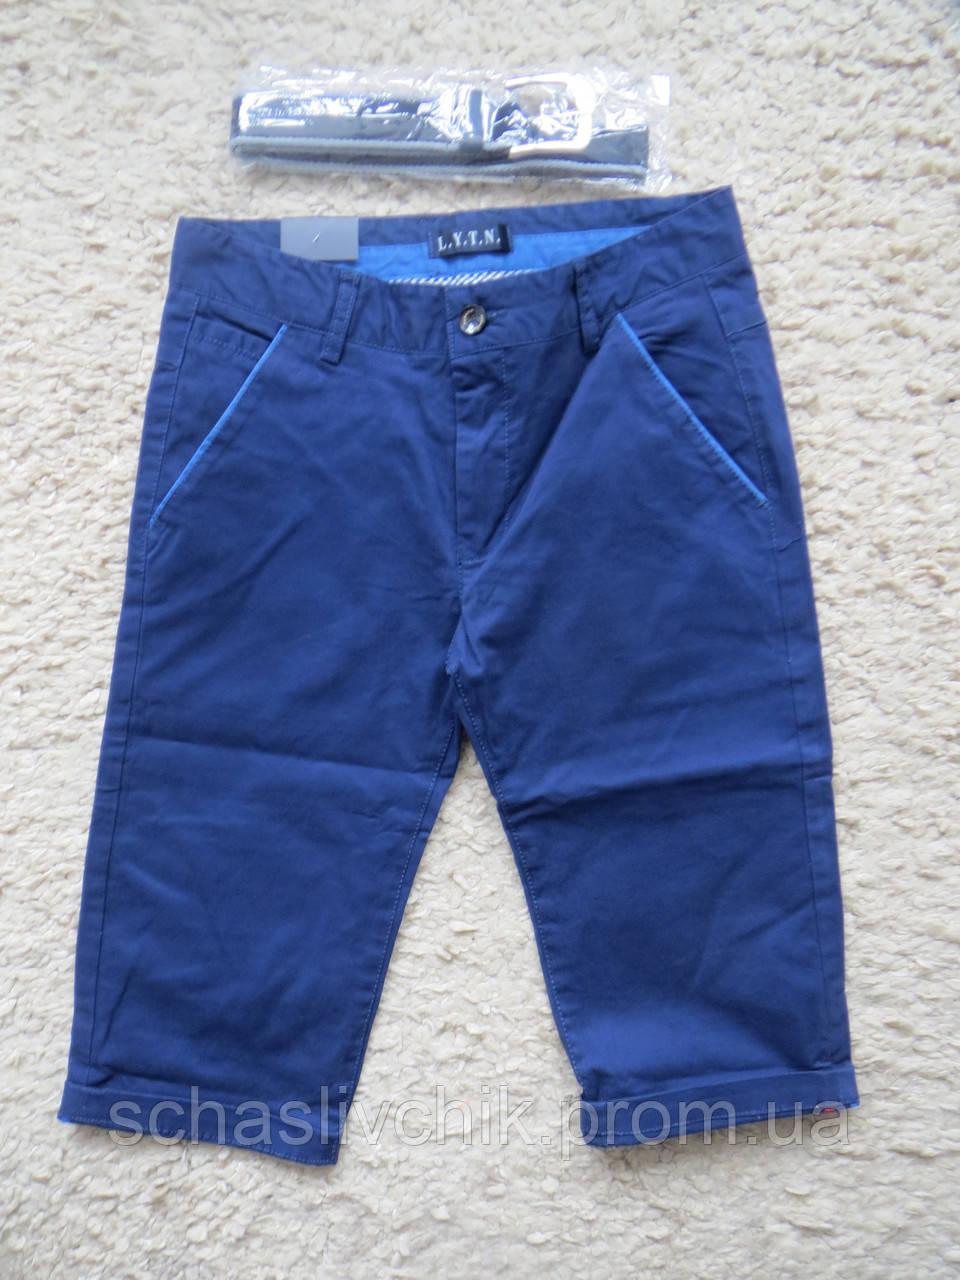 Детские джинсовые бриджи, шорты для мальчиков и девочек, размер 8-16, фирма LYNT